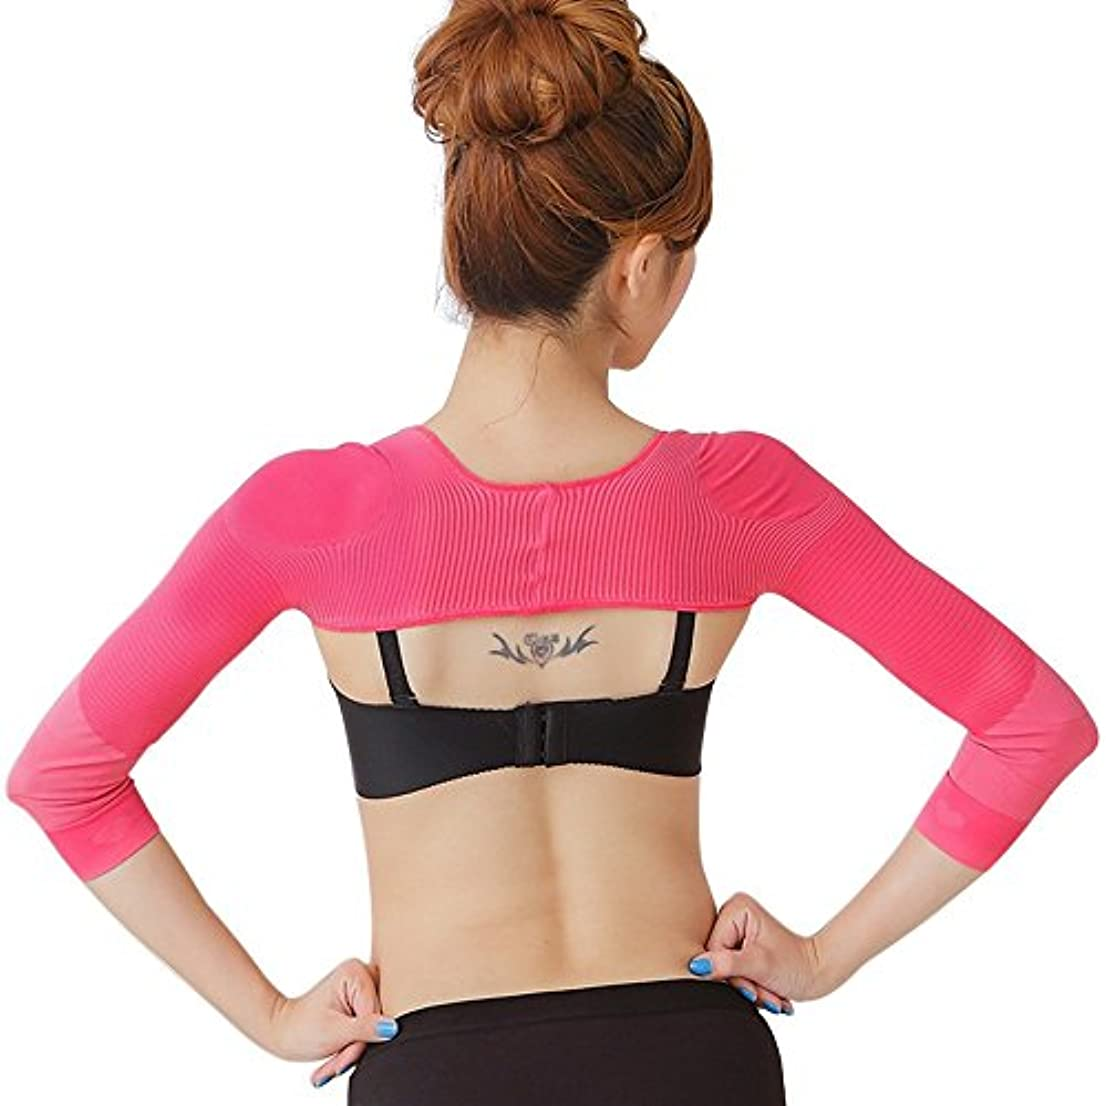 ブリーフケース一回セッティングSmato 二の腕シェイプアップ 背筋サポート 猫背矯正 肩サポーター 補正下着 肩こり 解消グッズ 肩甲骨シェイパー 姿勢 インナー 女性用 レディース (M, ピンク)